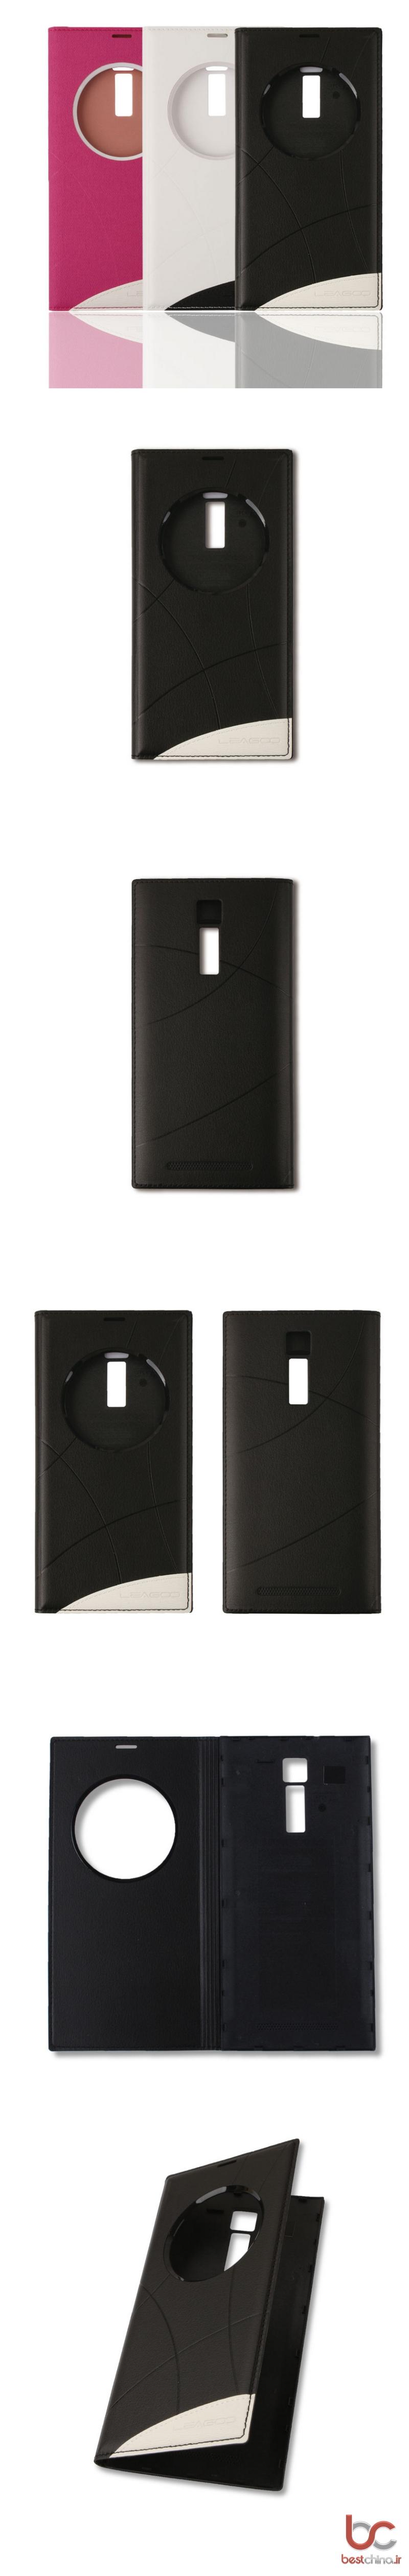 LEAGOO Alfa 1 Flip Cover (1)